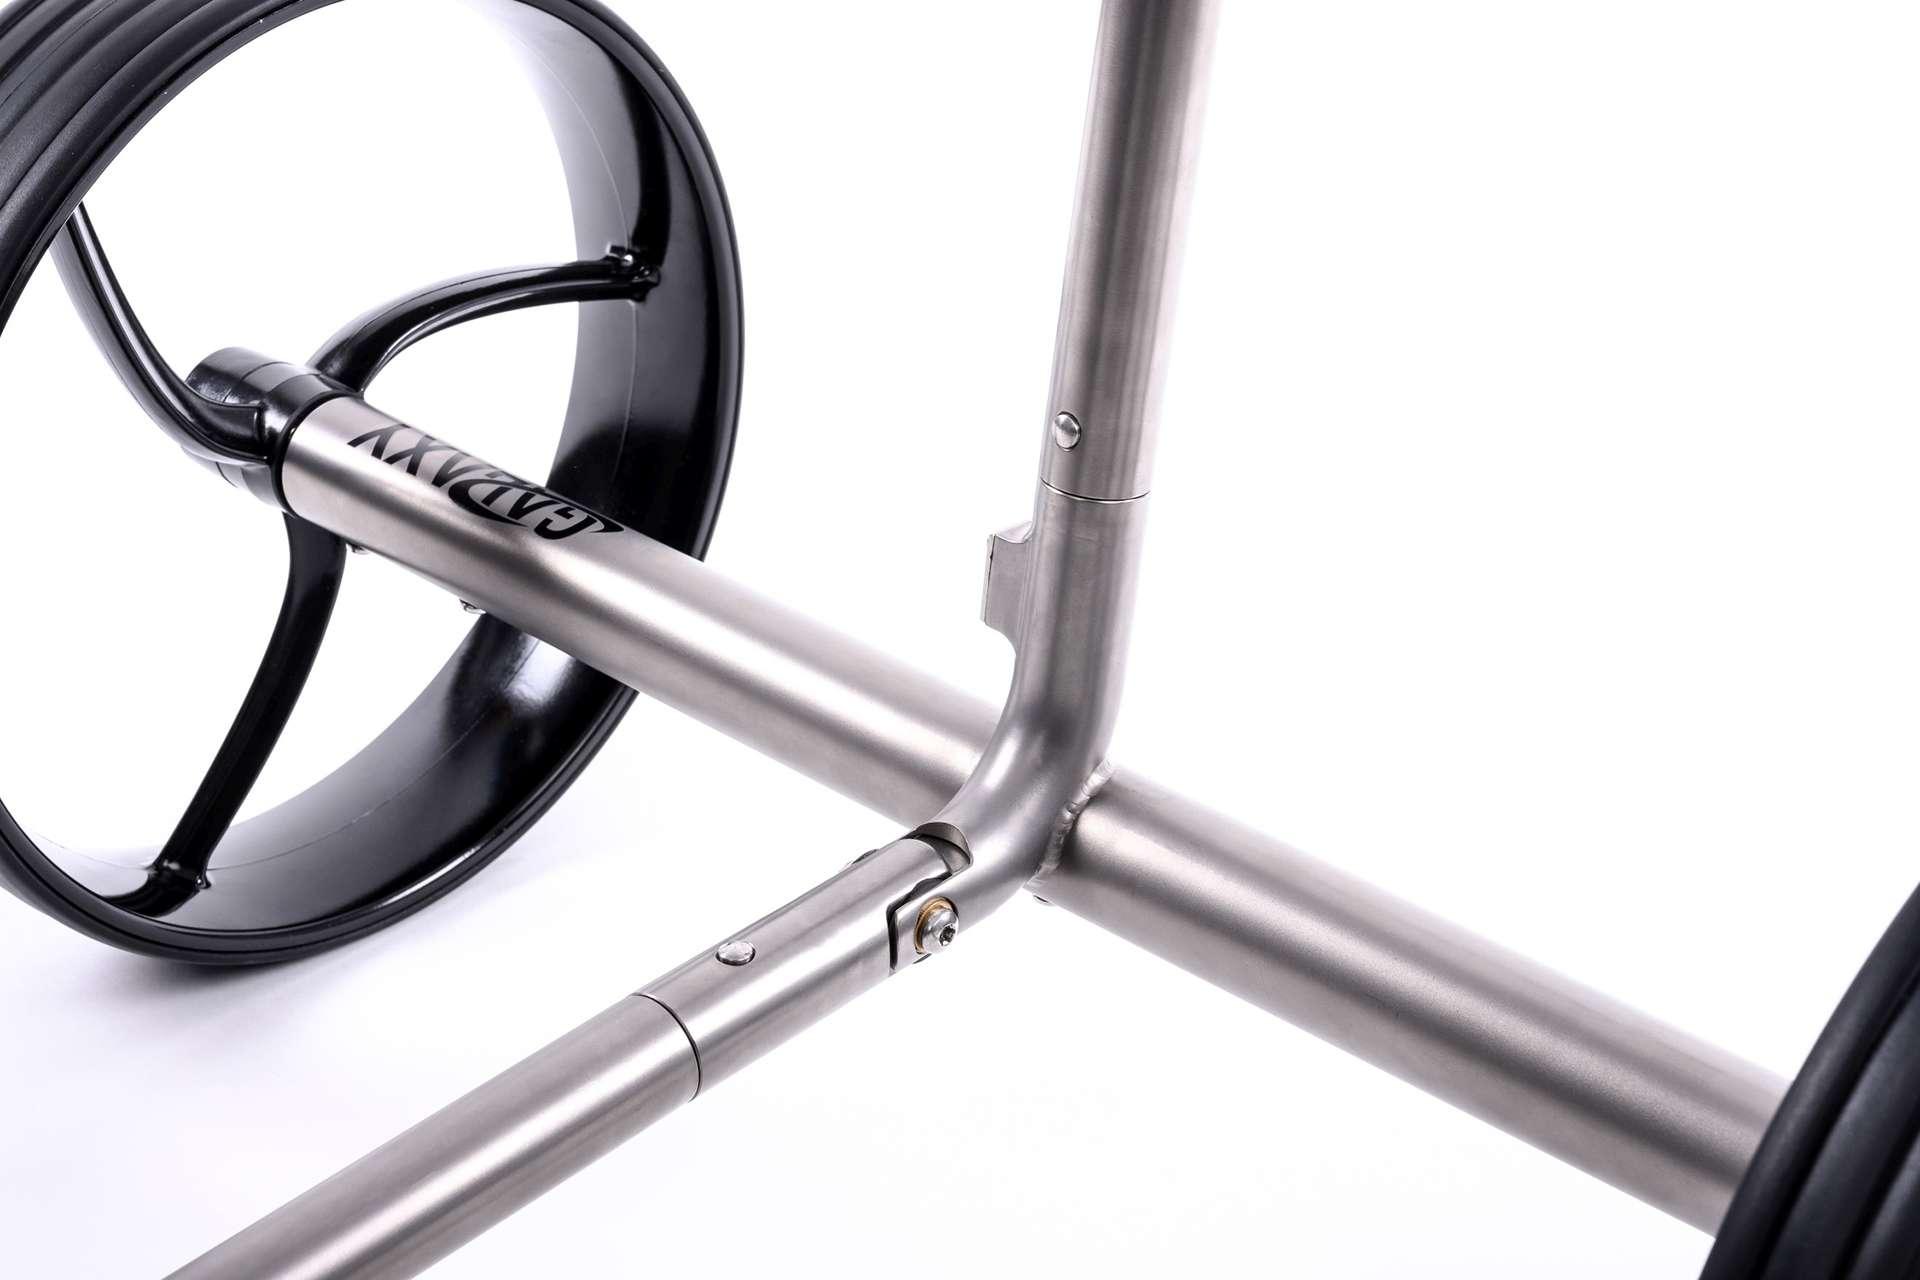 GALAXY Titan Elektro Golftrolley Achssystem Laengsachse und Querachse mit Reifen und Felgen im Detail